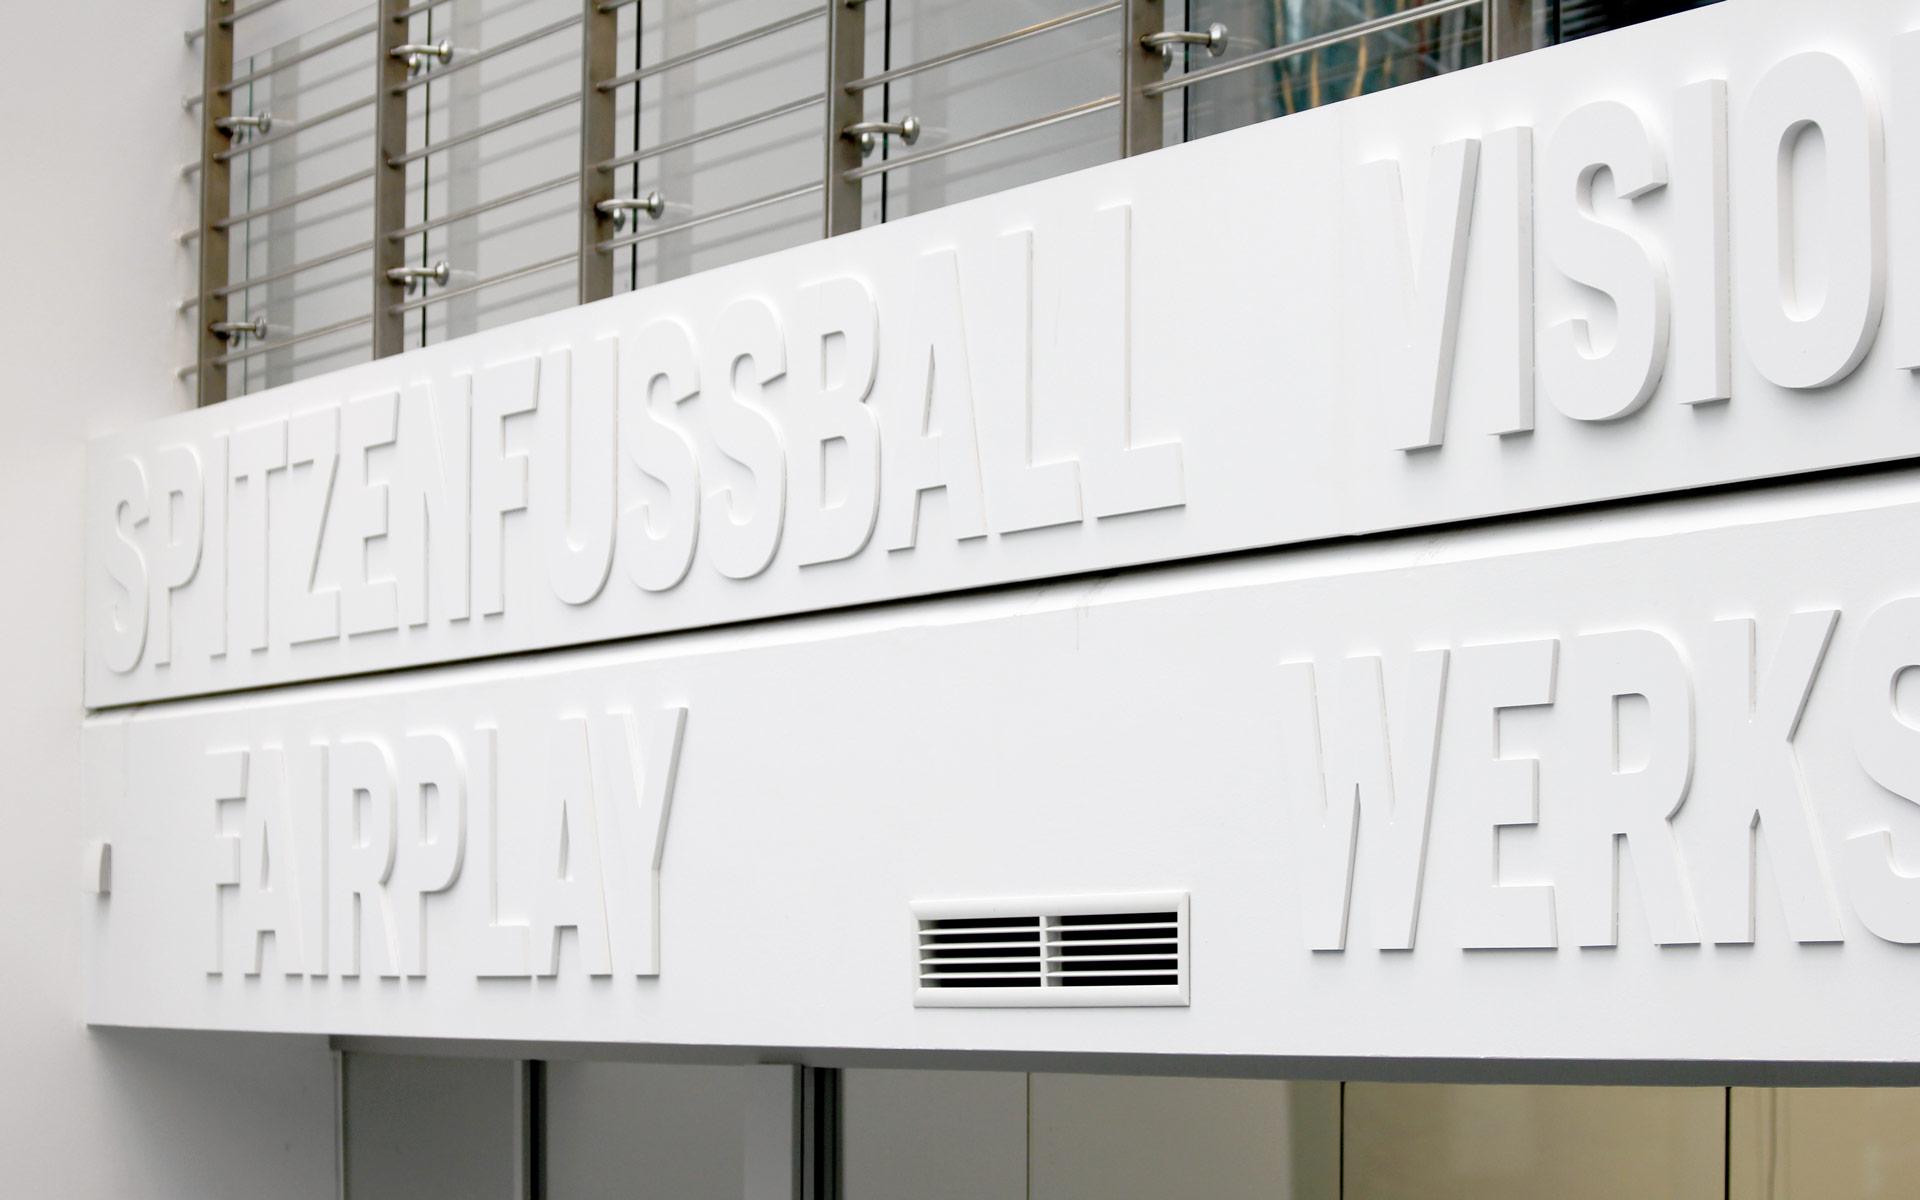 Bayer 04 neue Liegenschaft – Wayfinding, Leit- und Orientierungssystem, Typografie auf dem Balkon